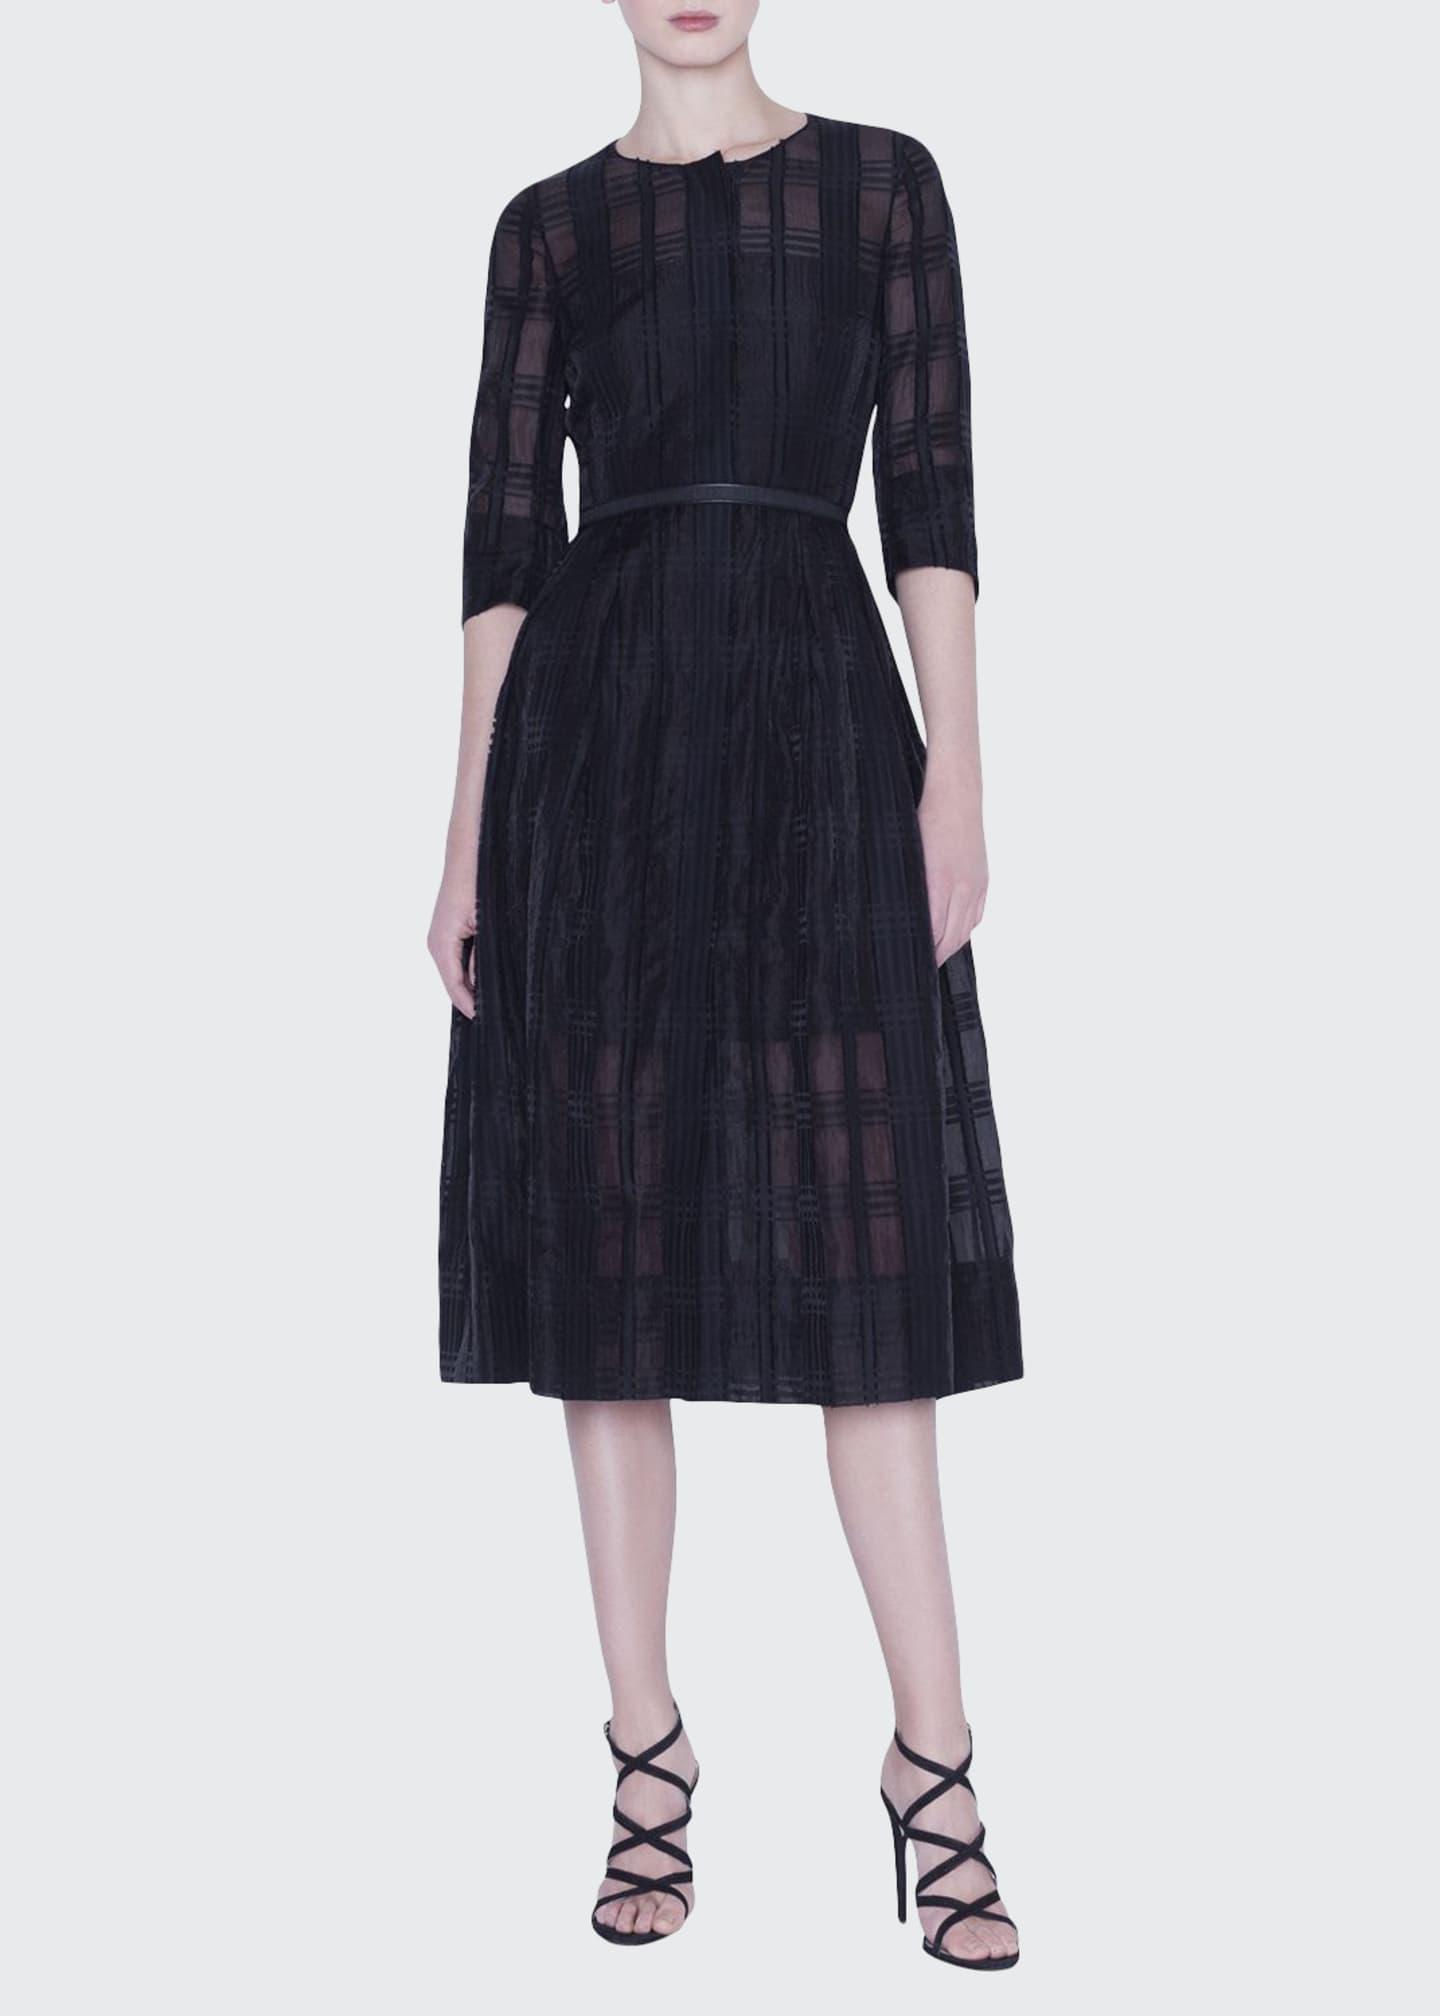 Akris Organza Check Dress